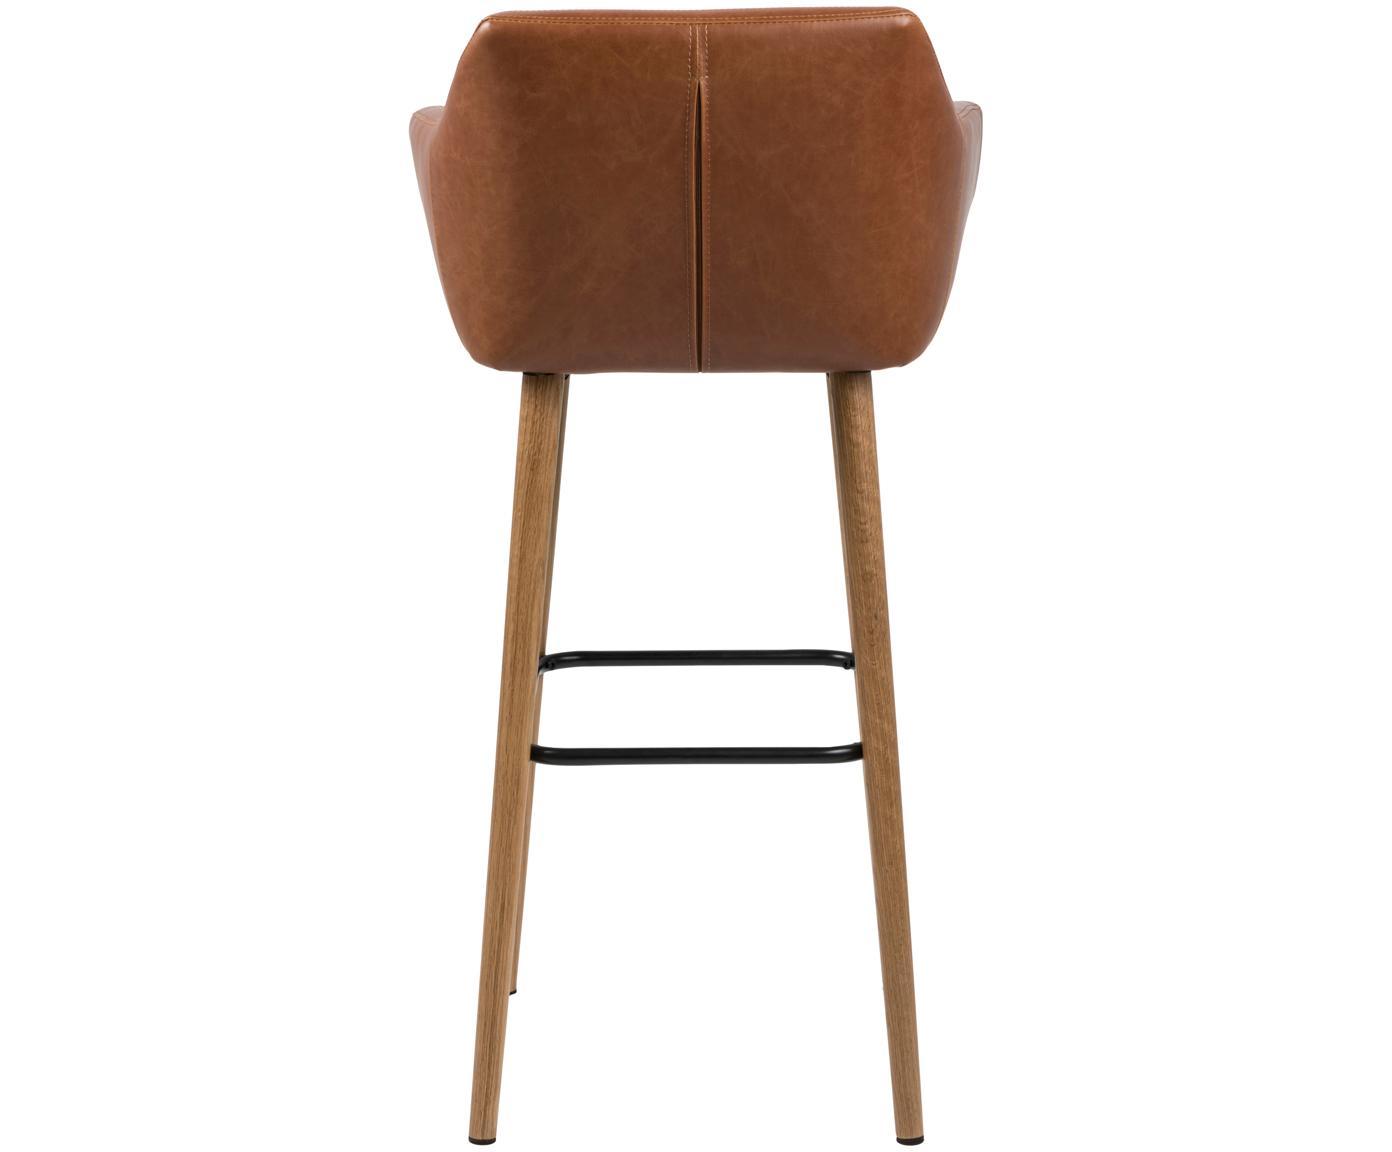 Krzesło barowe  Nora, Tapicerka: sztuczna skóra (poliureta, Nogi: drewno dębowe, olejowane, Tapicerka: koniakowy Nogi: drewno dębowe Podnóżek: czarny, S 55 x W 101 cm